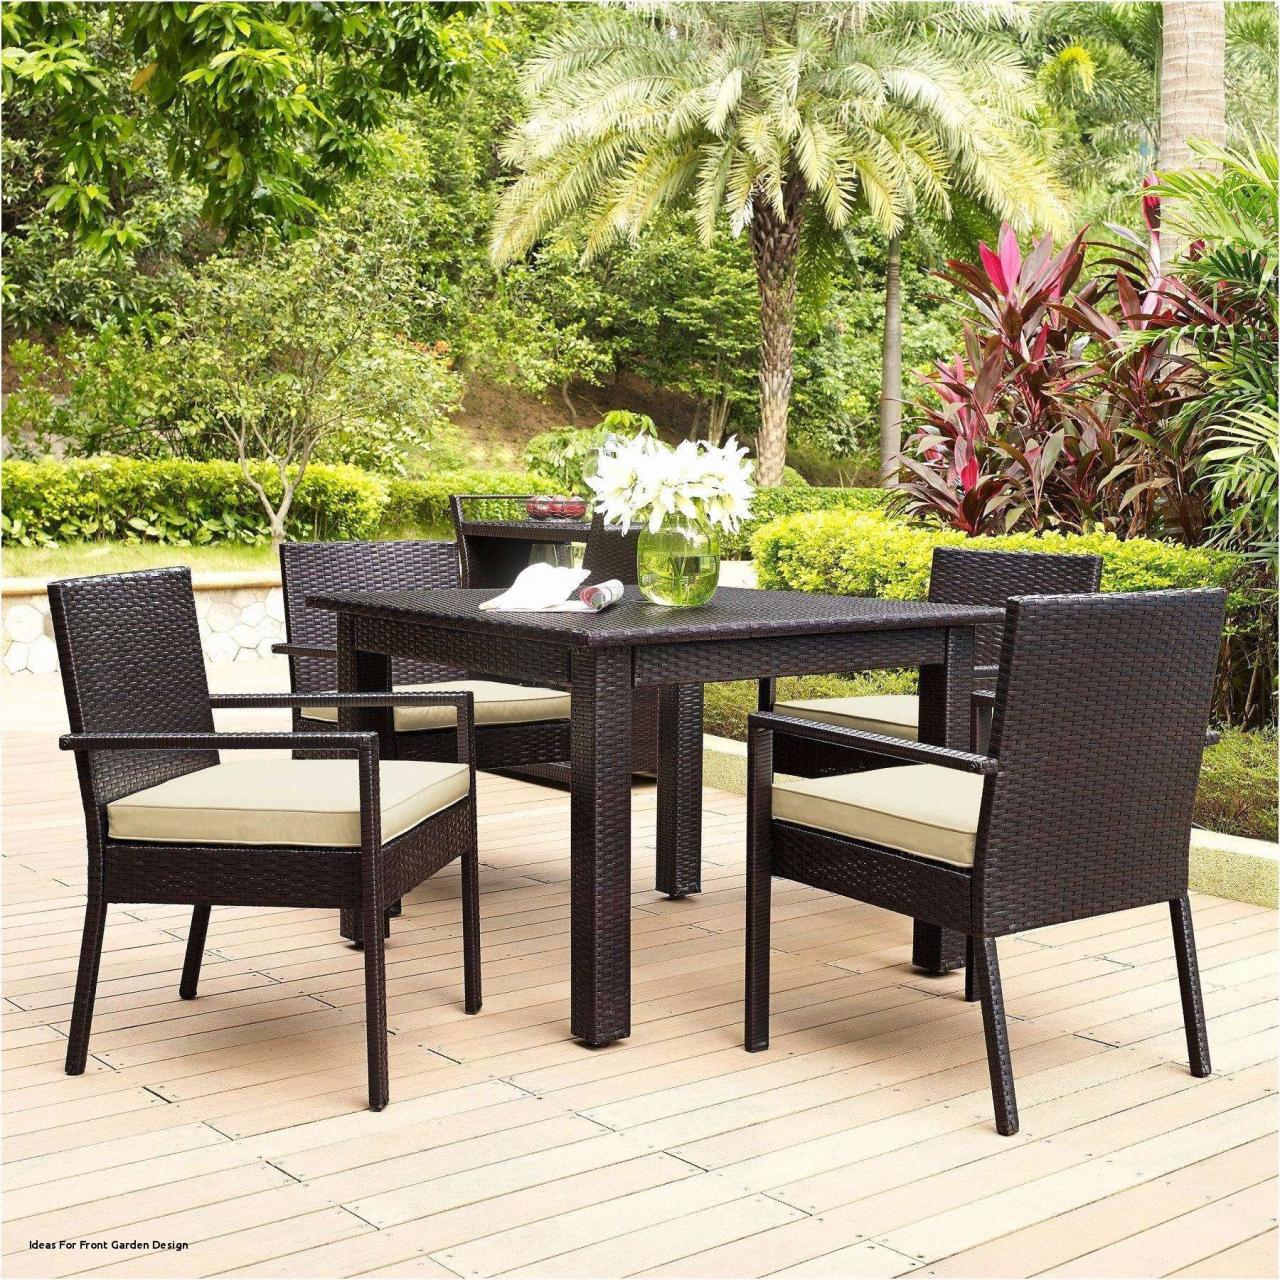 front porch chairs garten rattan lounge frisch garten lounge sale outdoor furniture durch front porch chairs